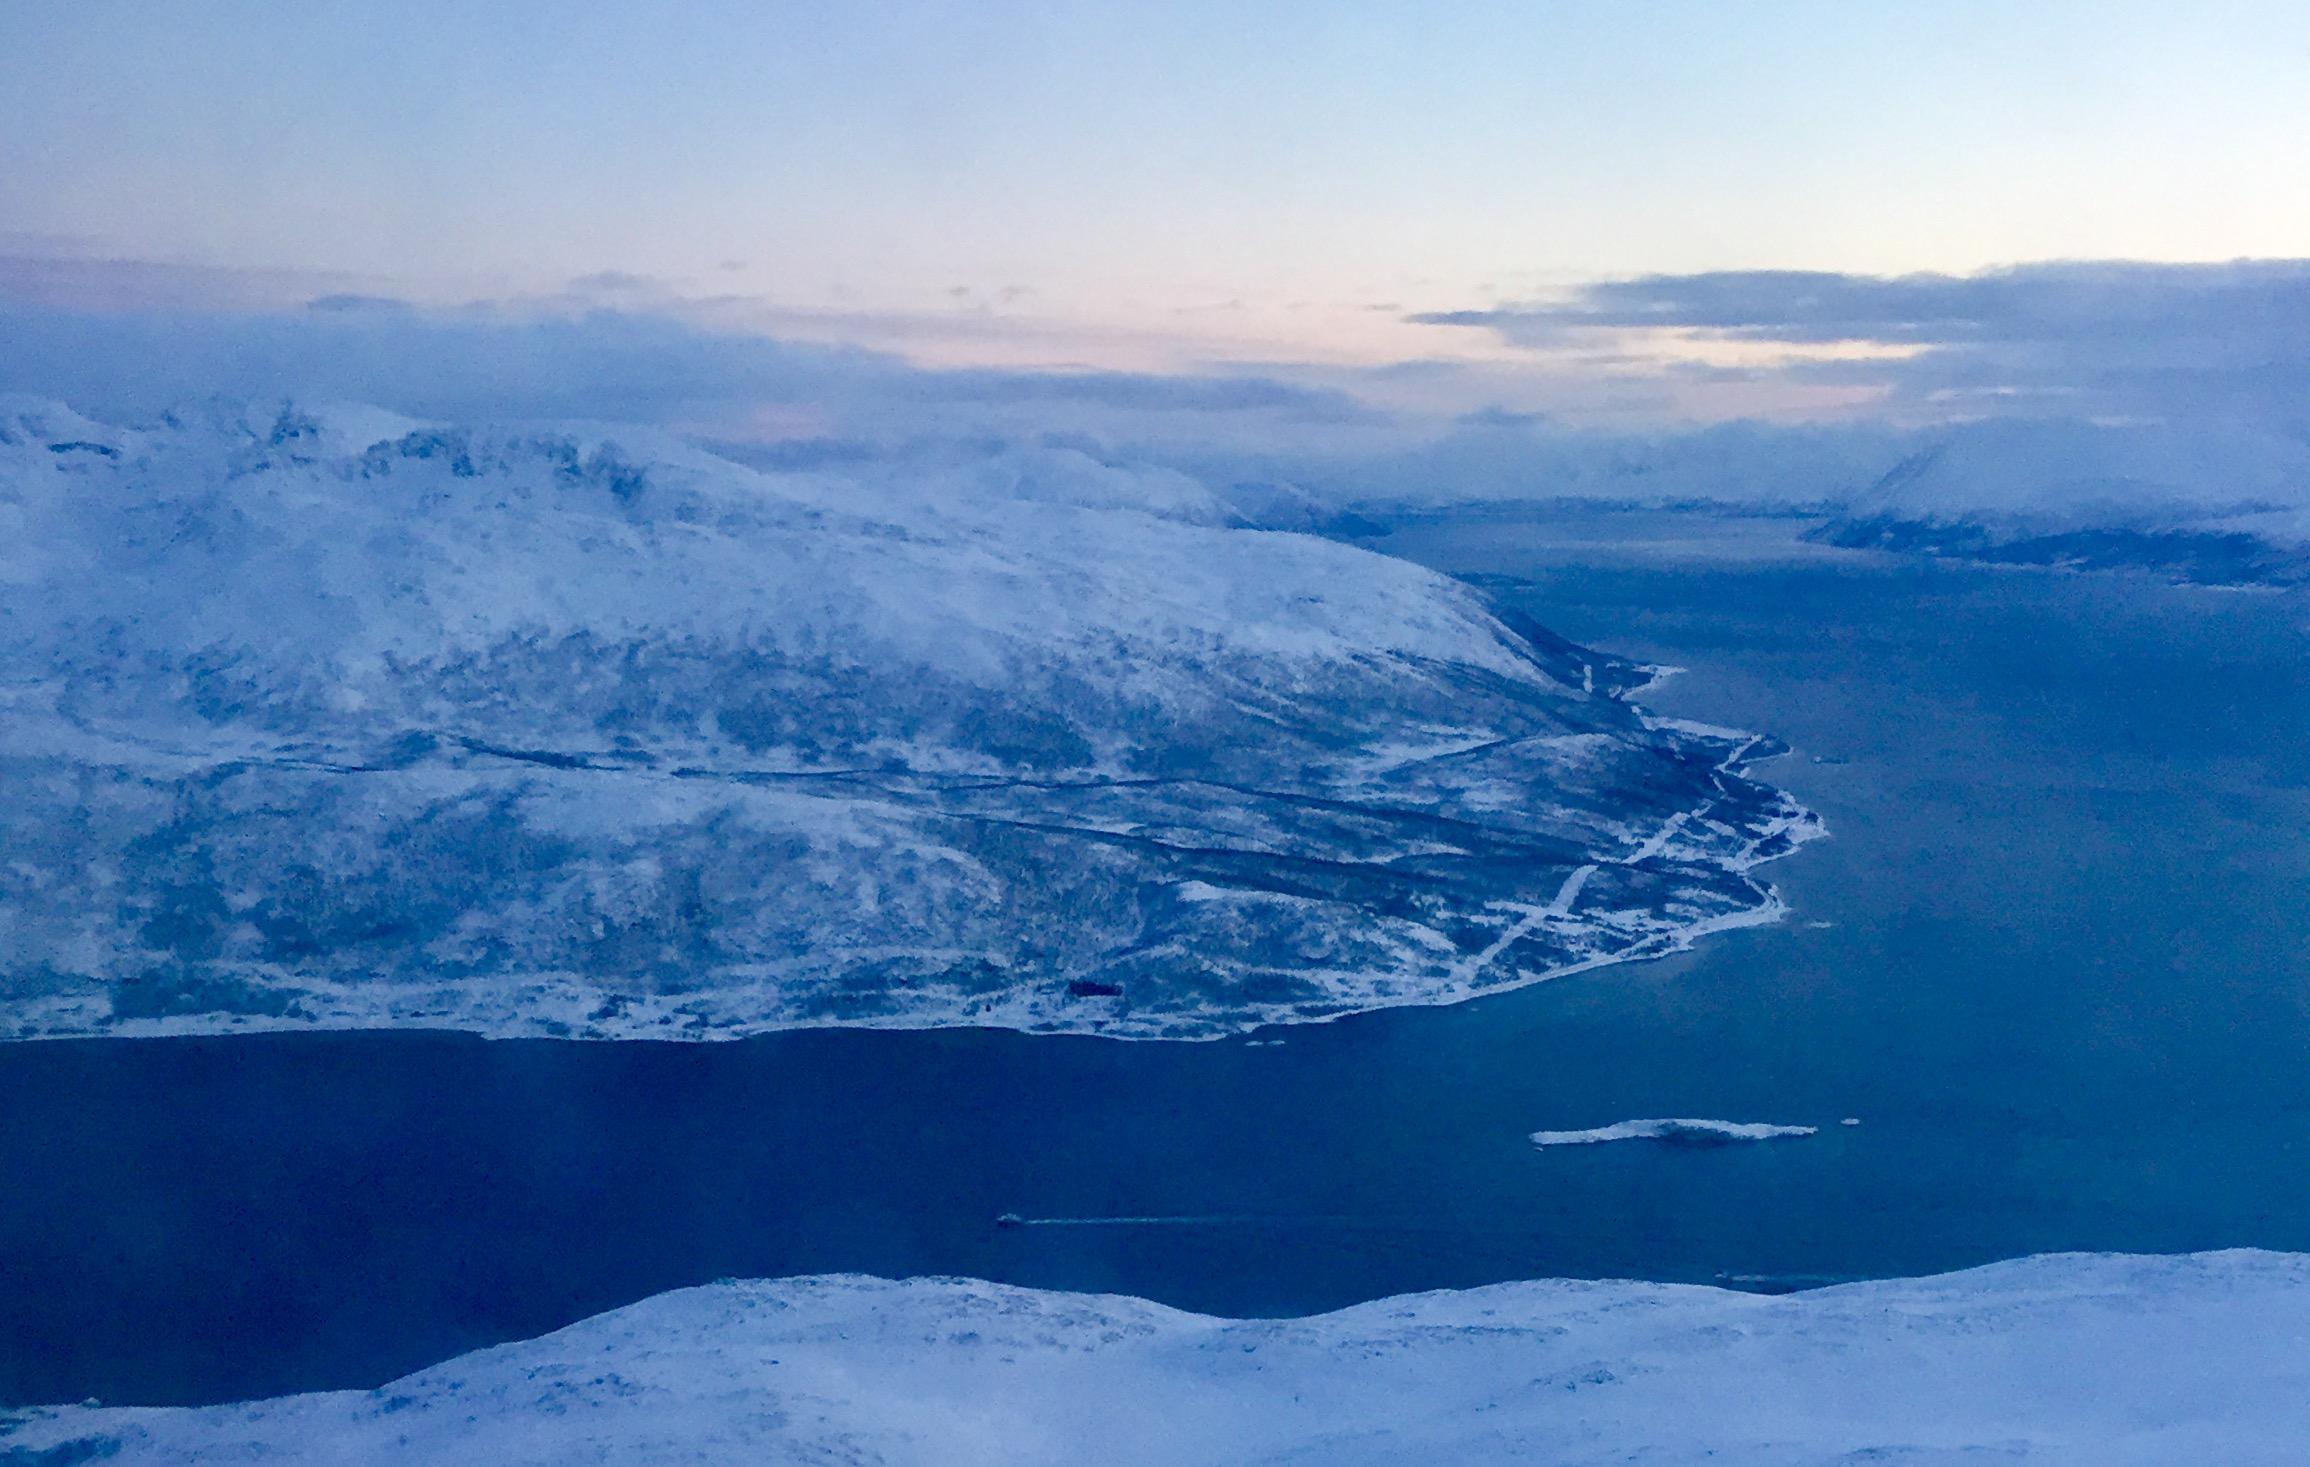 Indlfyvningen til Tromsø er ifølge SAS en af Norges smukkeste. Foto: Andreas Krog.